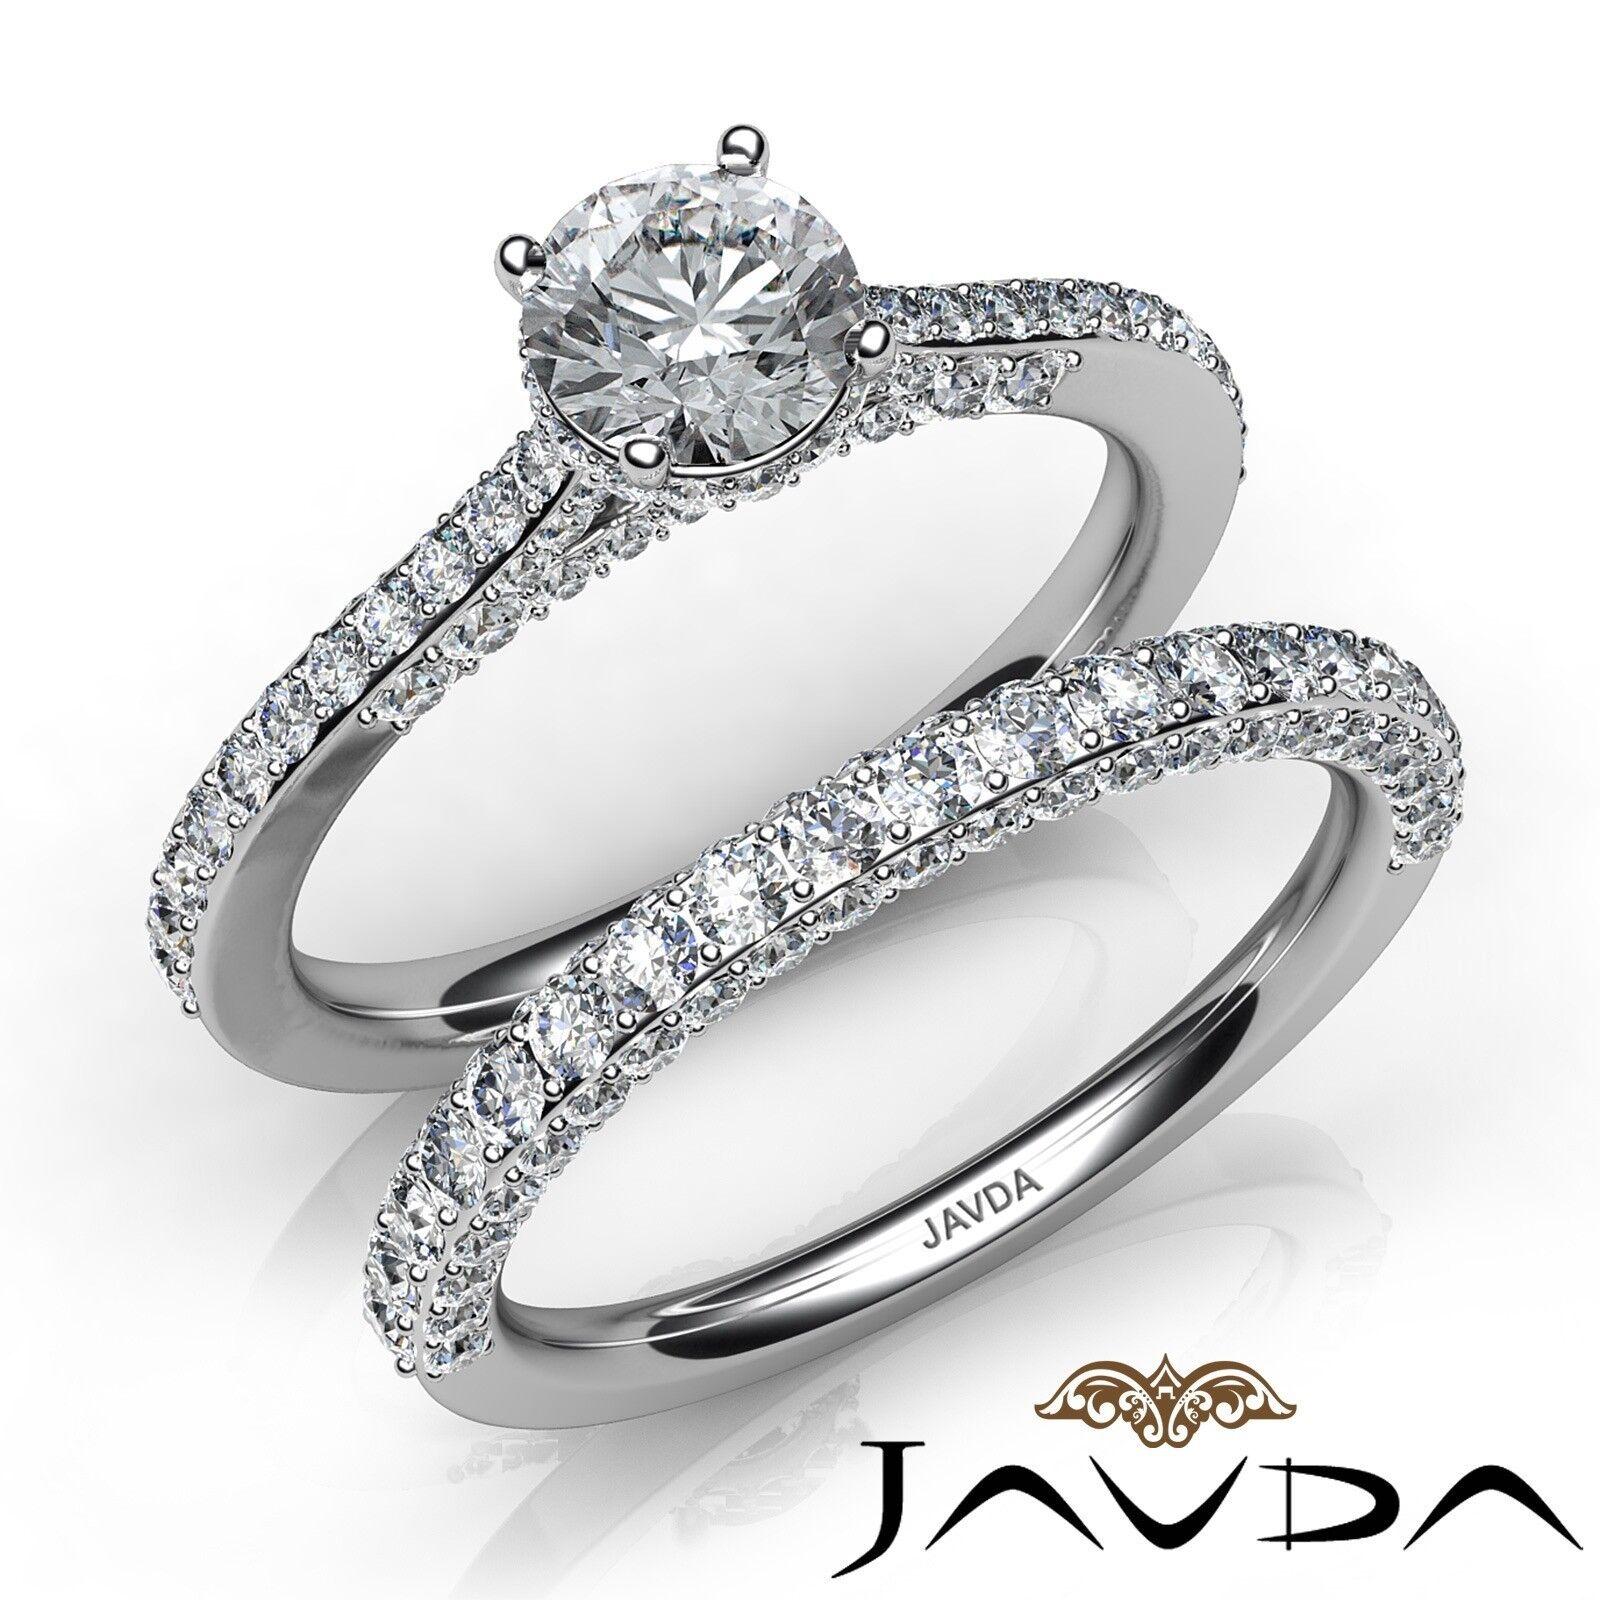 2.32ctw Circa Halo Bridal Set Round Diamond Engagement Ring GIA F-SI1 White Gold